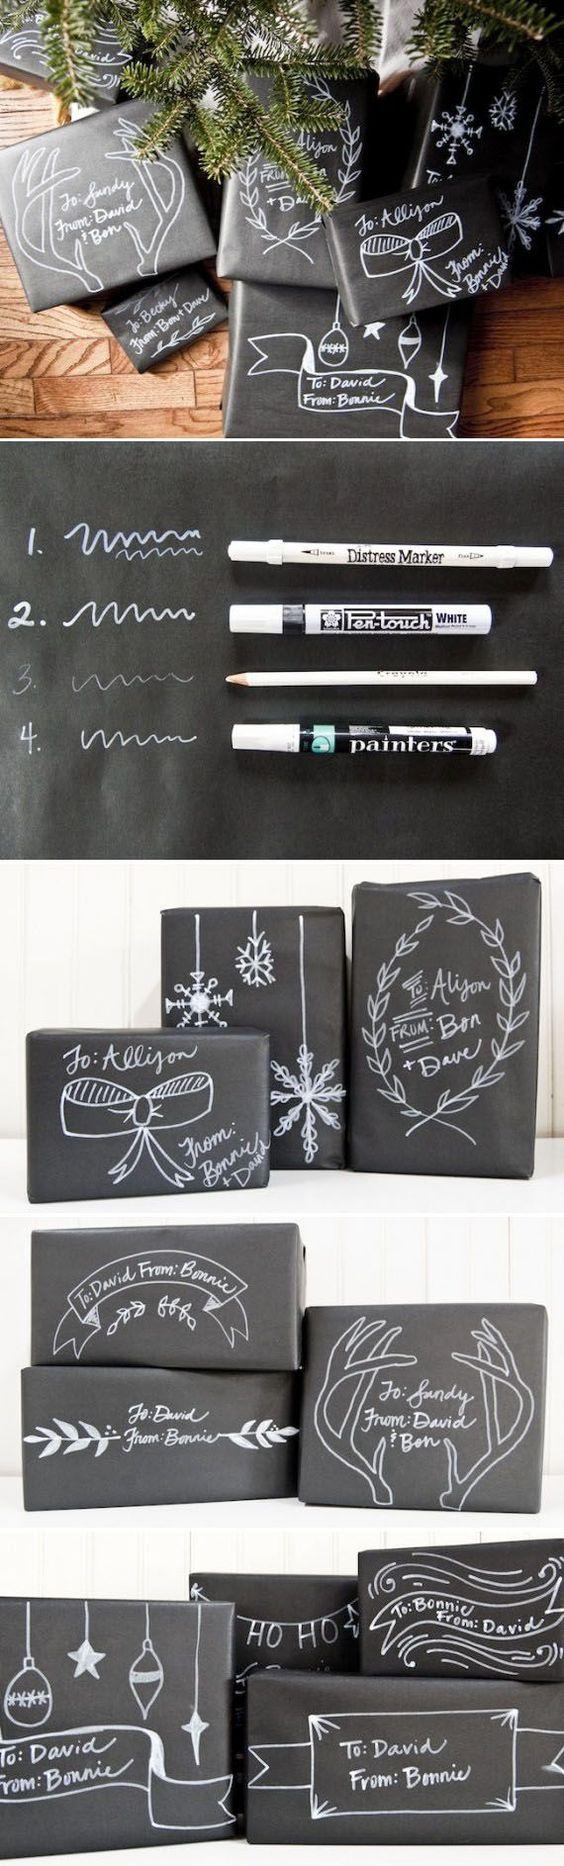 Envoltorios de paquetes o empaquetados para regalos en navidad con papel negro y decorándolo con rotuladores y lápices e color blanco de distintos grosores.